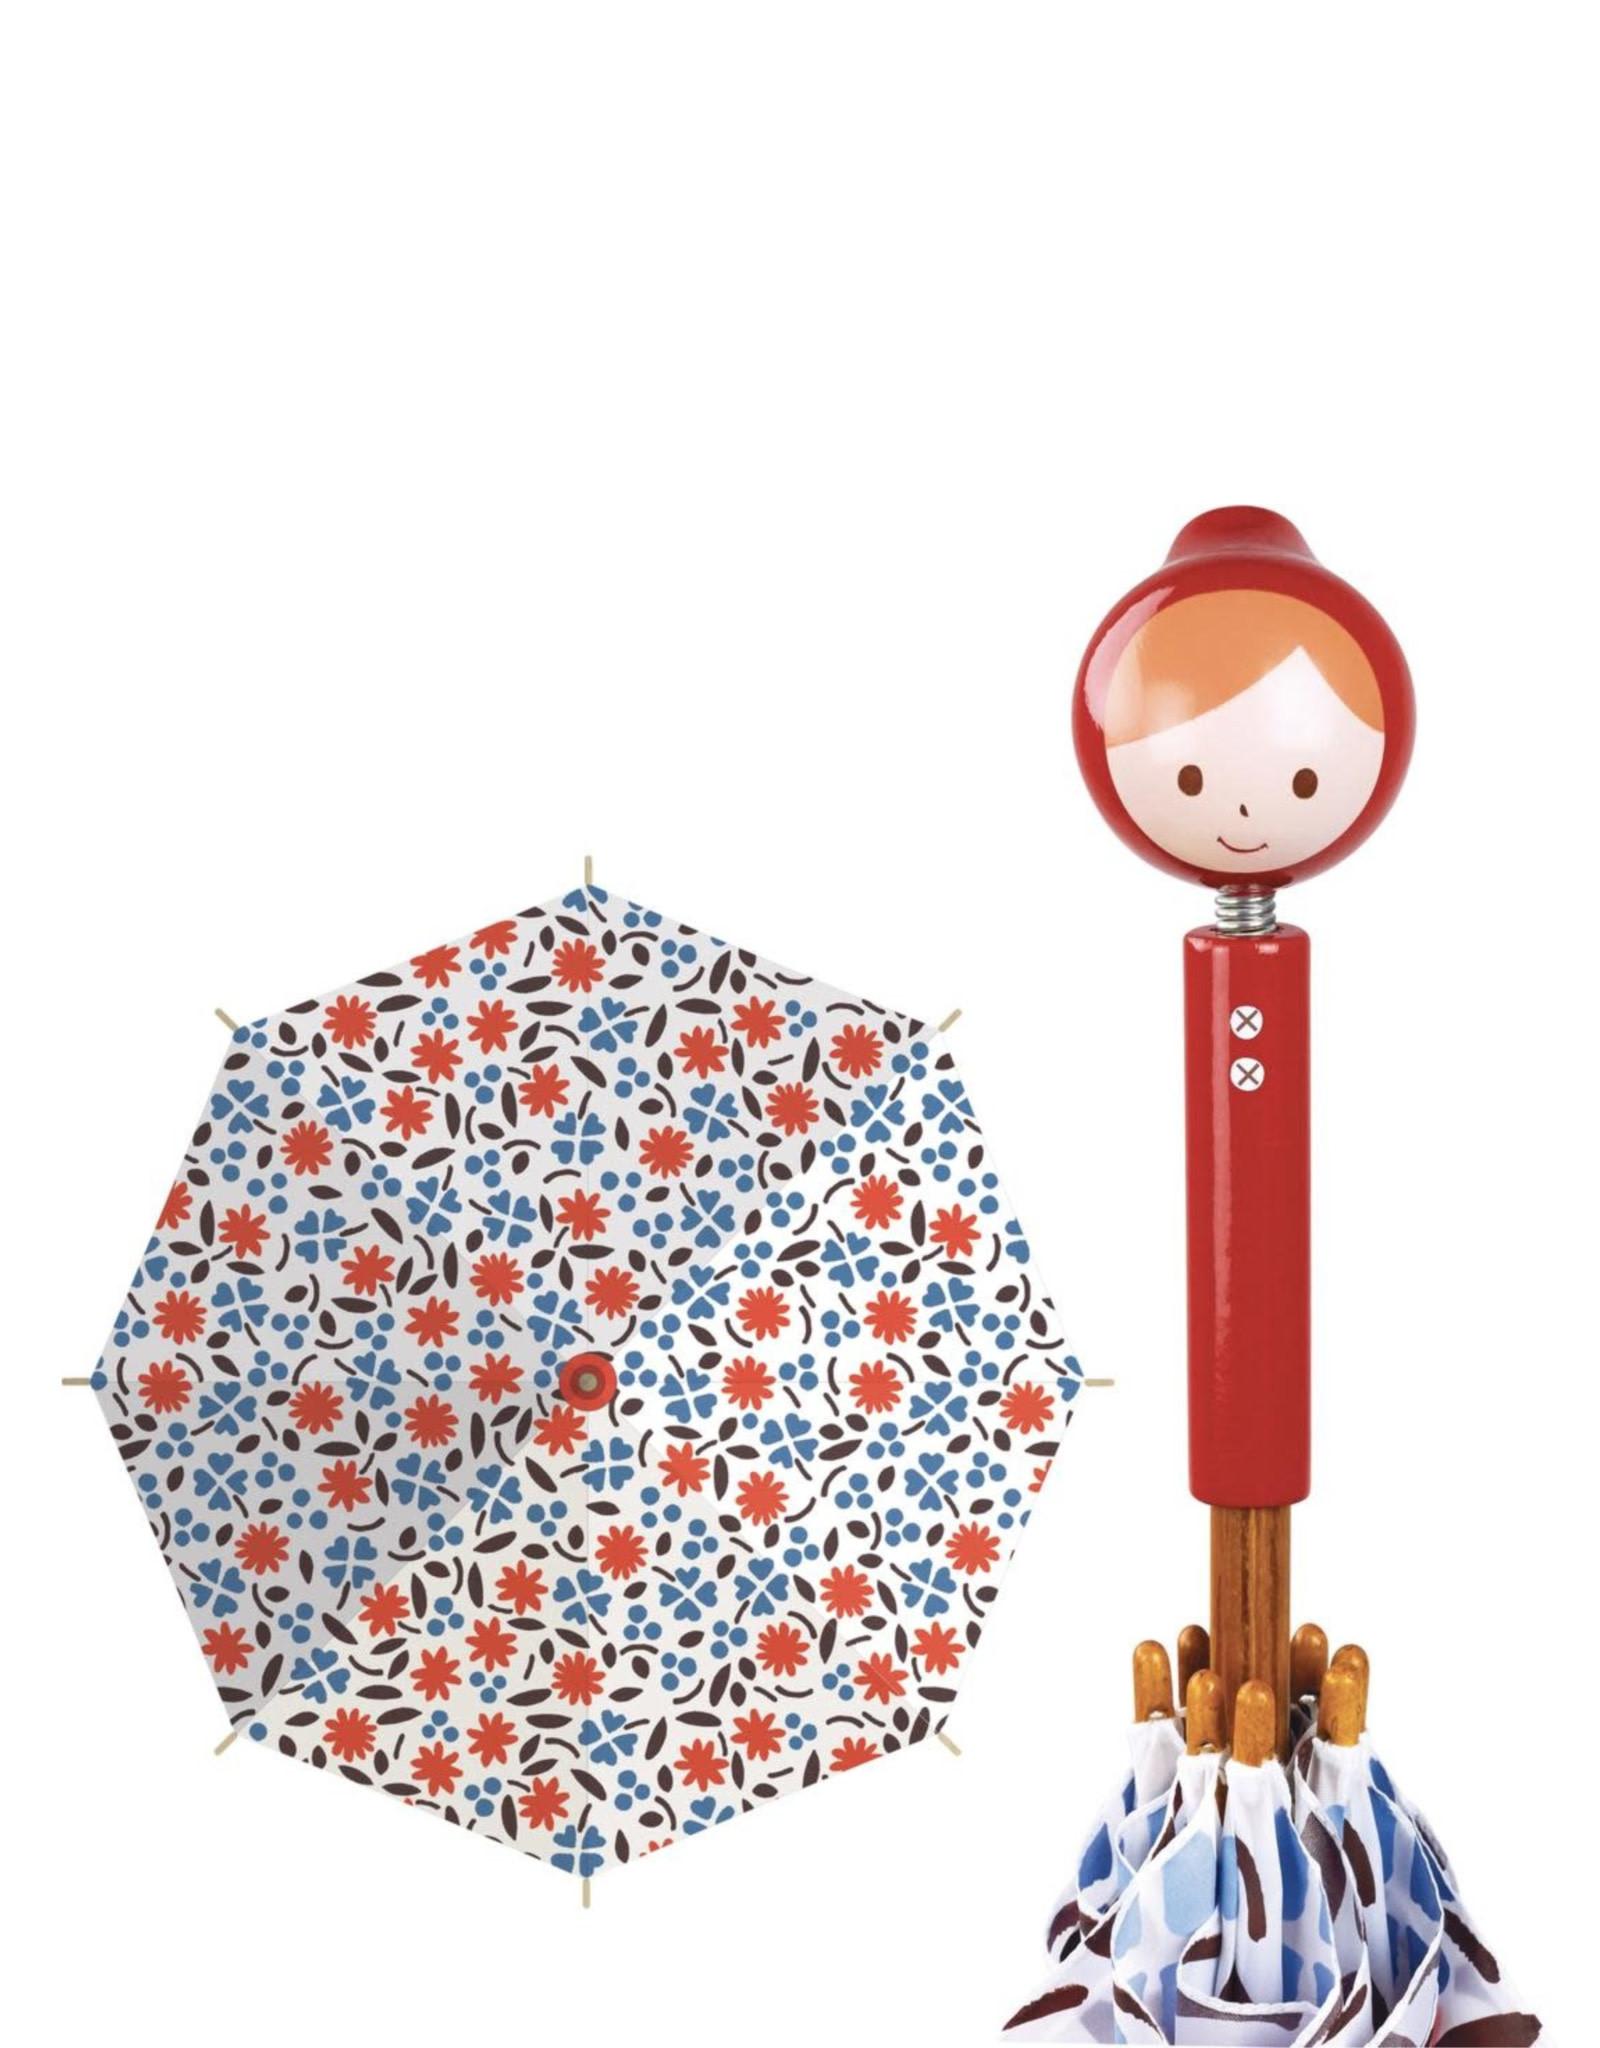 Vilac Umbrella - Red riding hood